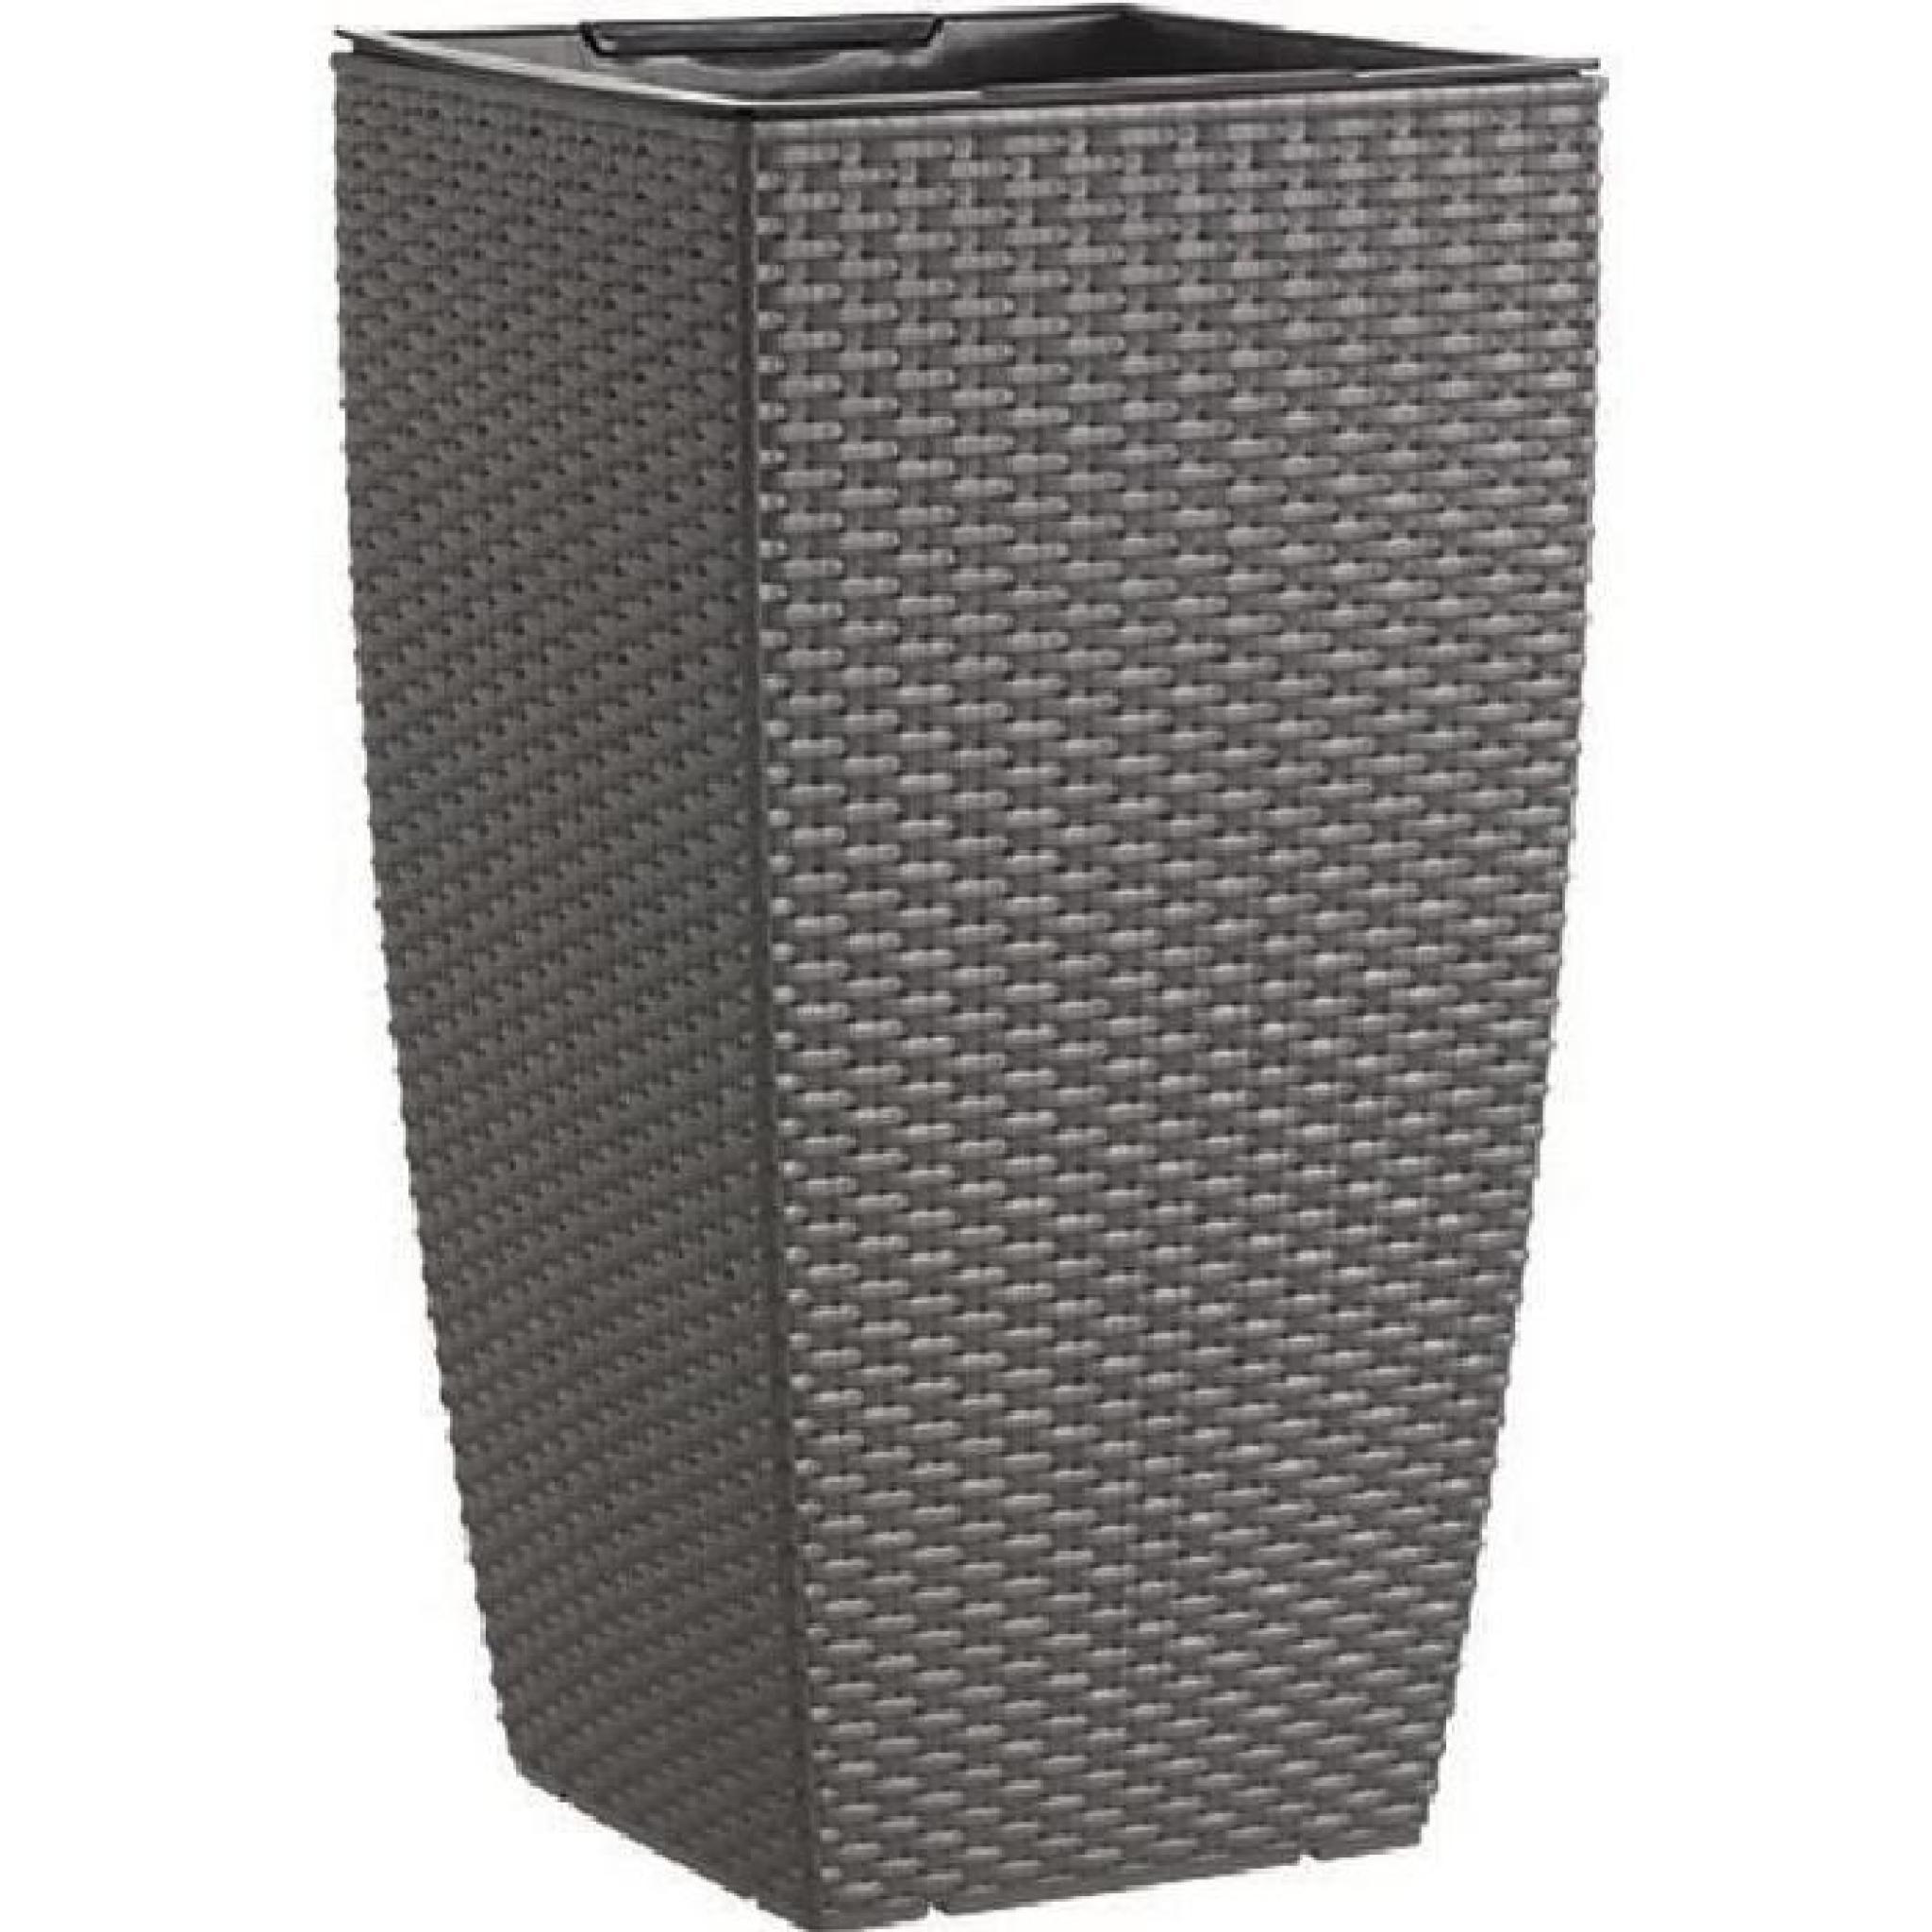 casa mesh pot r serve d 39 eau 30x30x57 cm granite. Black Bedroom Furniture Sets. Home Design Ideas